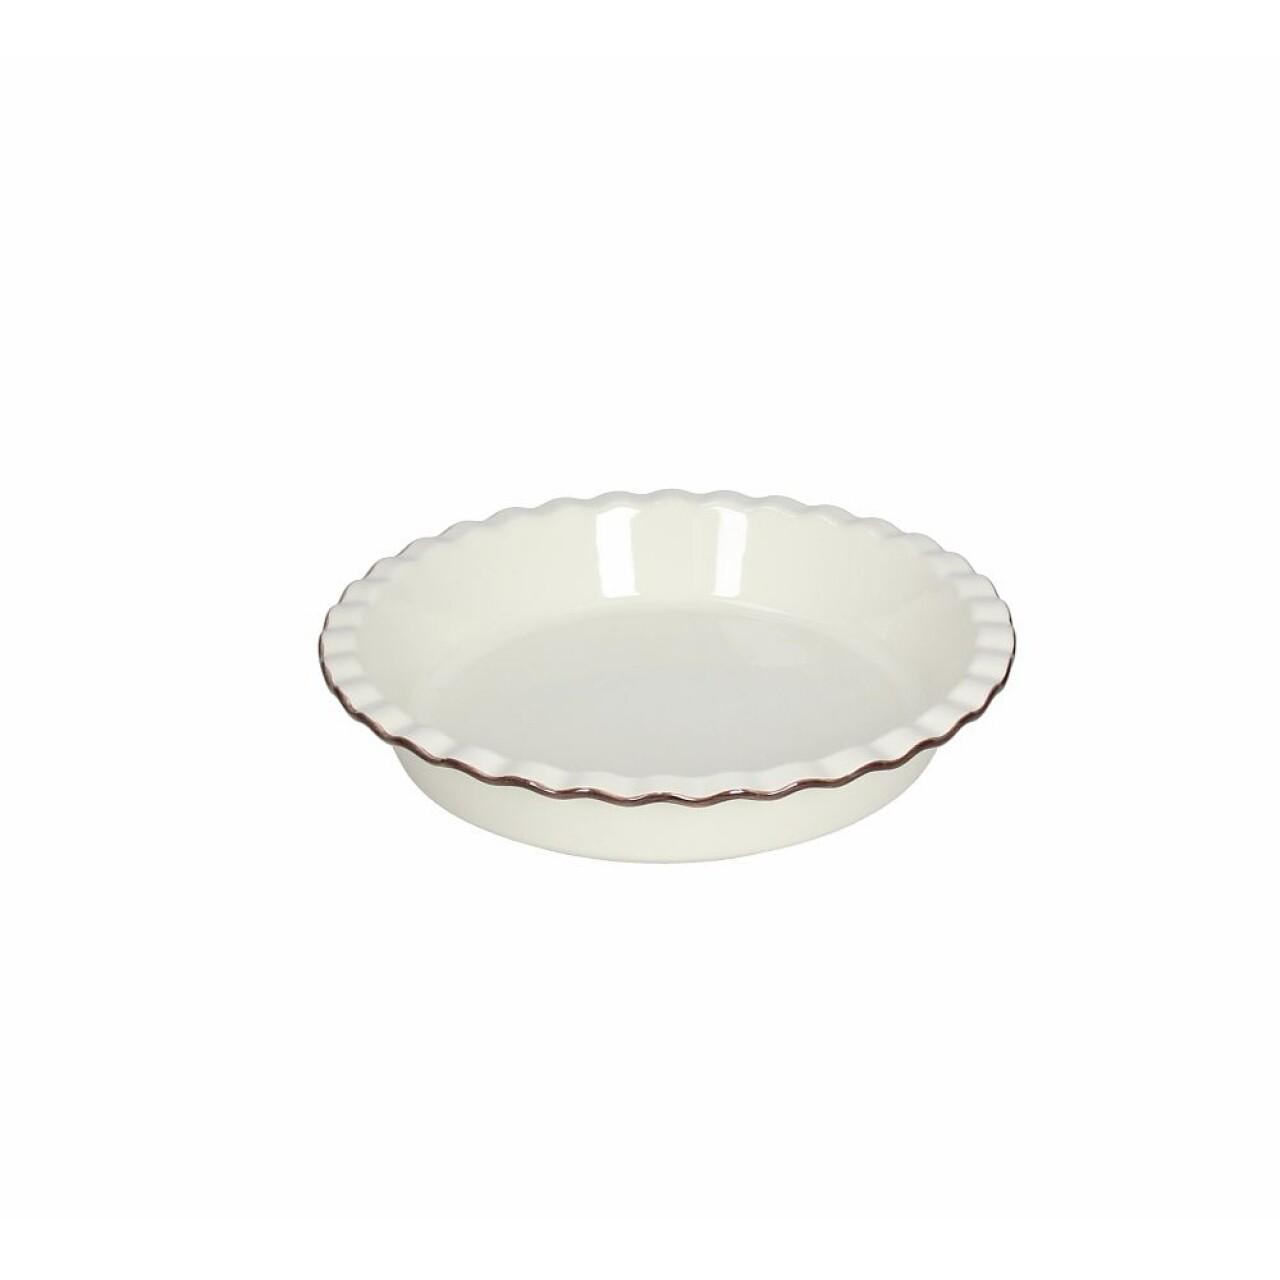 Vas de copt Country Cook, Tognana, Ø 25 x 5 cm, ceramica, crem